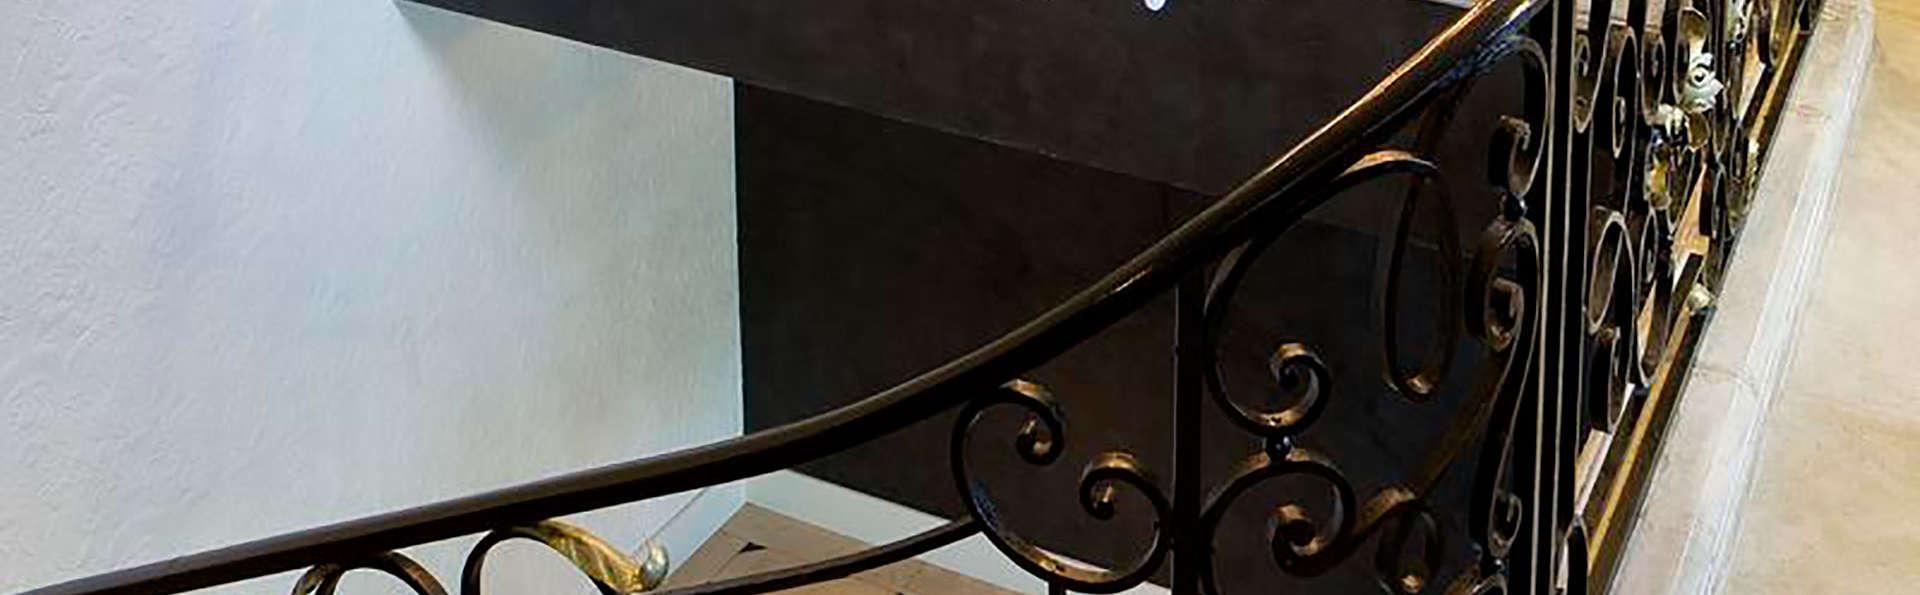 Hotel Van der Valk Brugge Oostkamp - edit_scalec.jpg